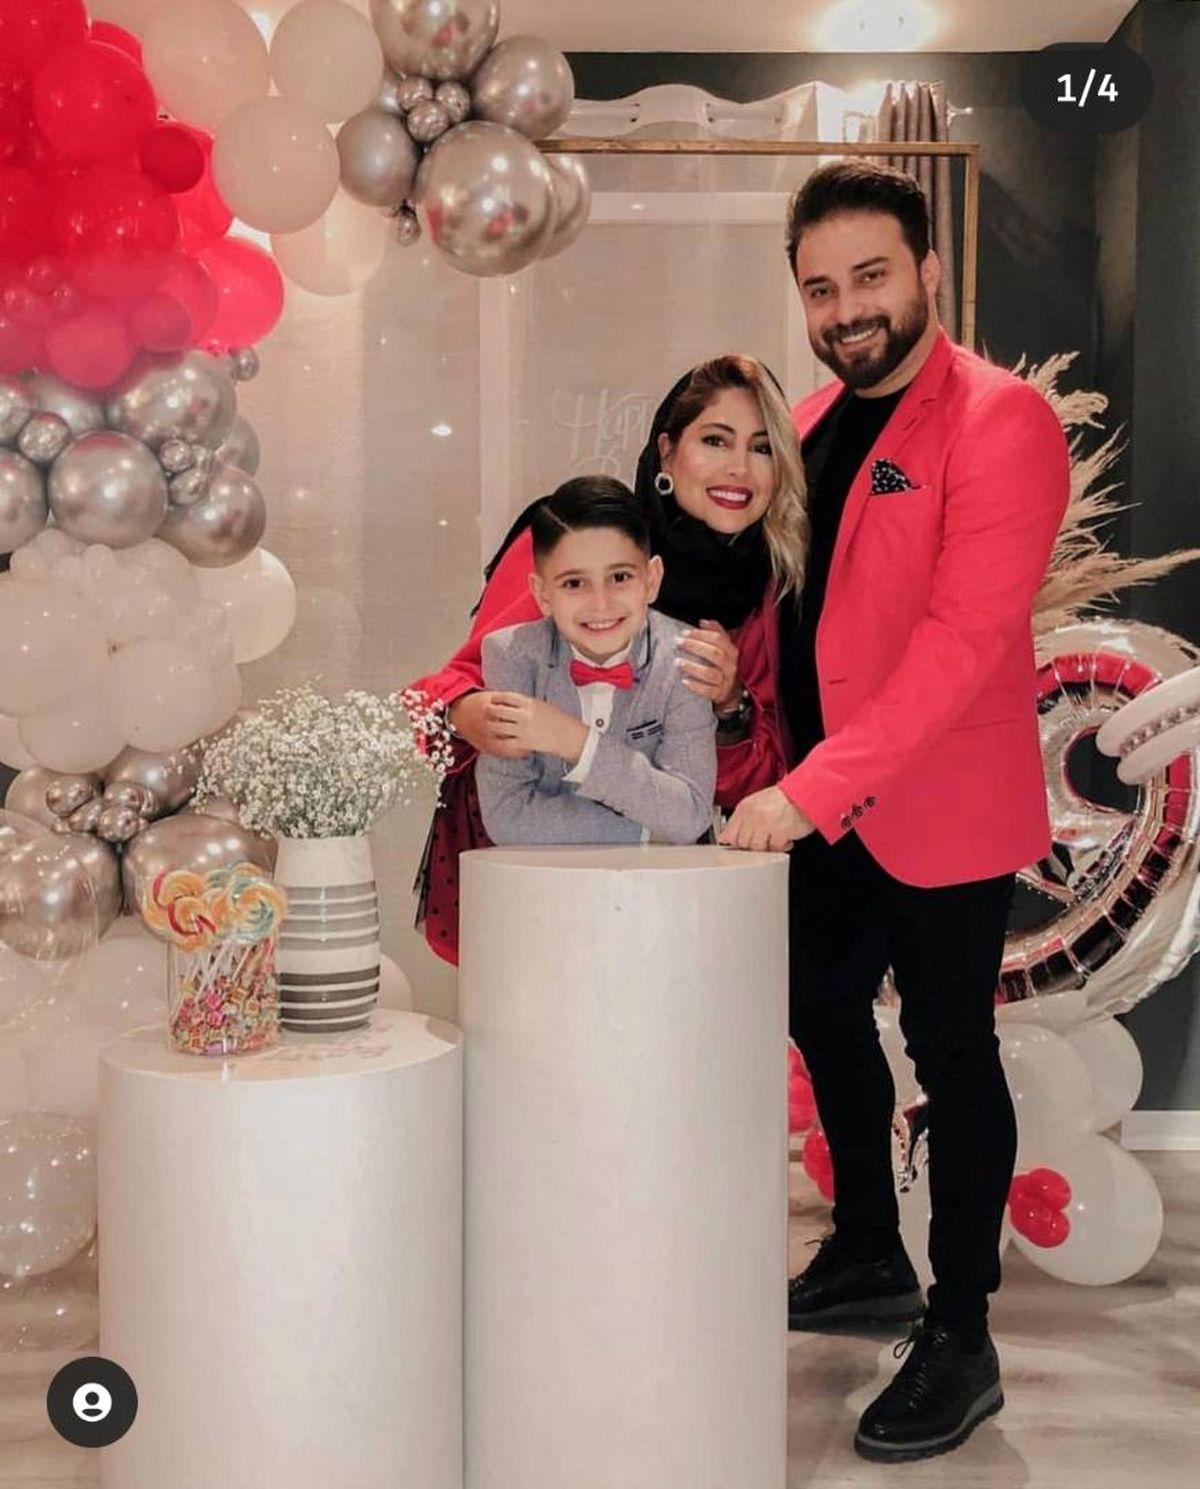 جشن خصوصی بابک جهانبخش و همسرش + تصاویر